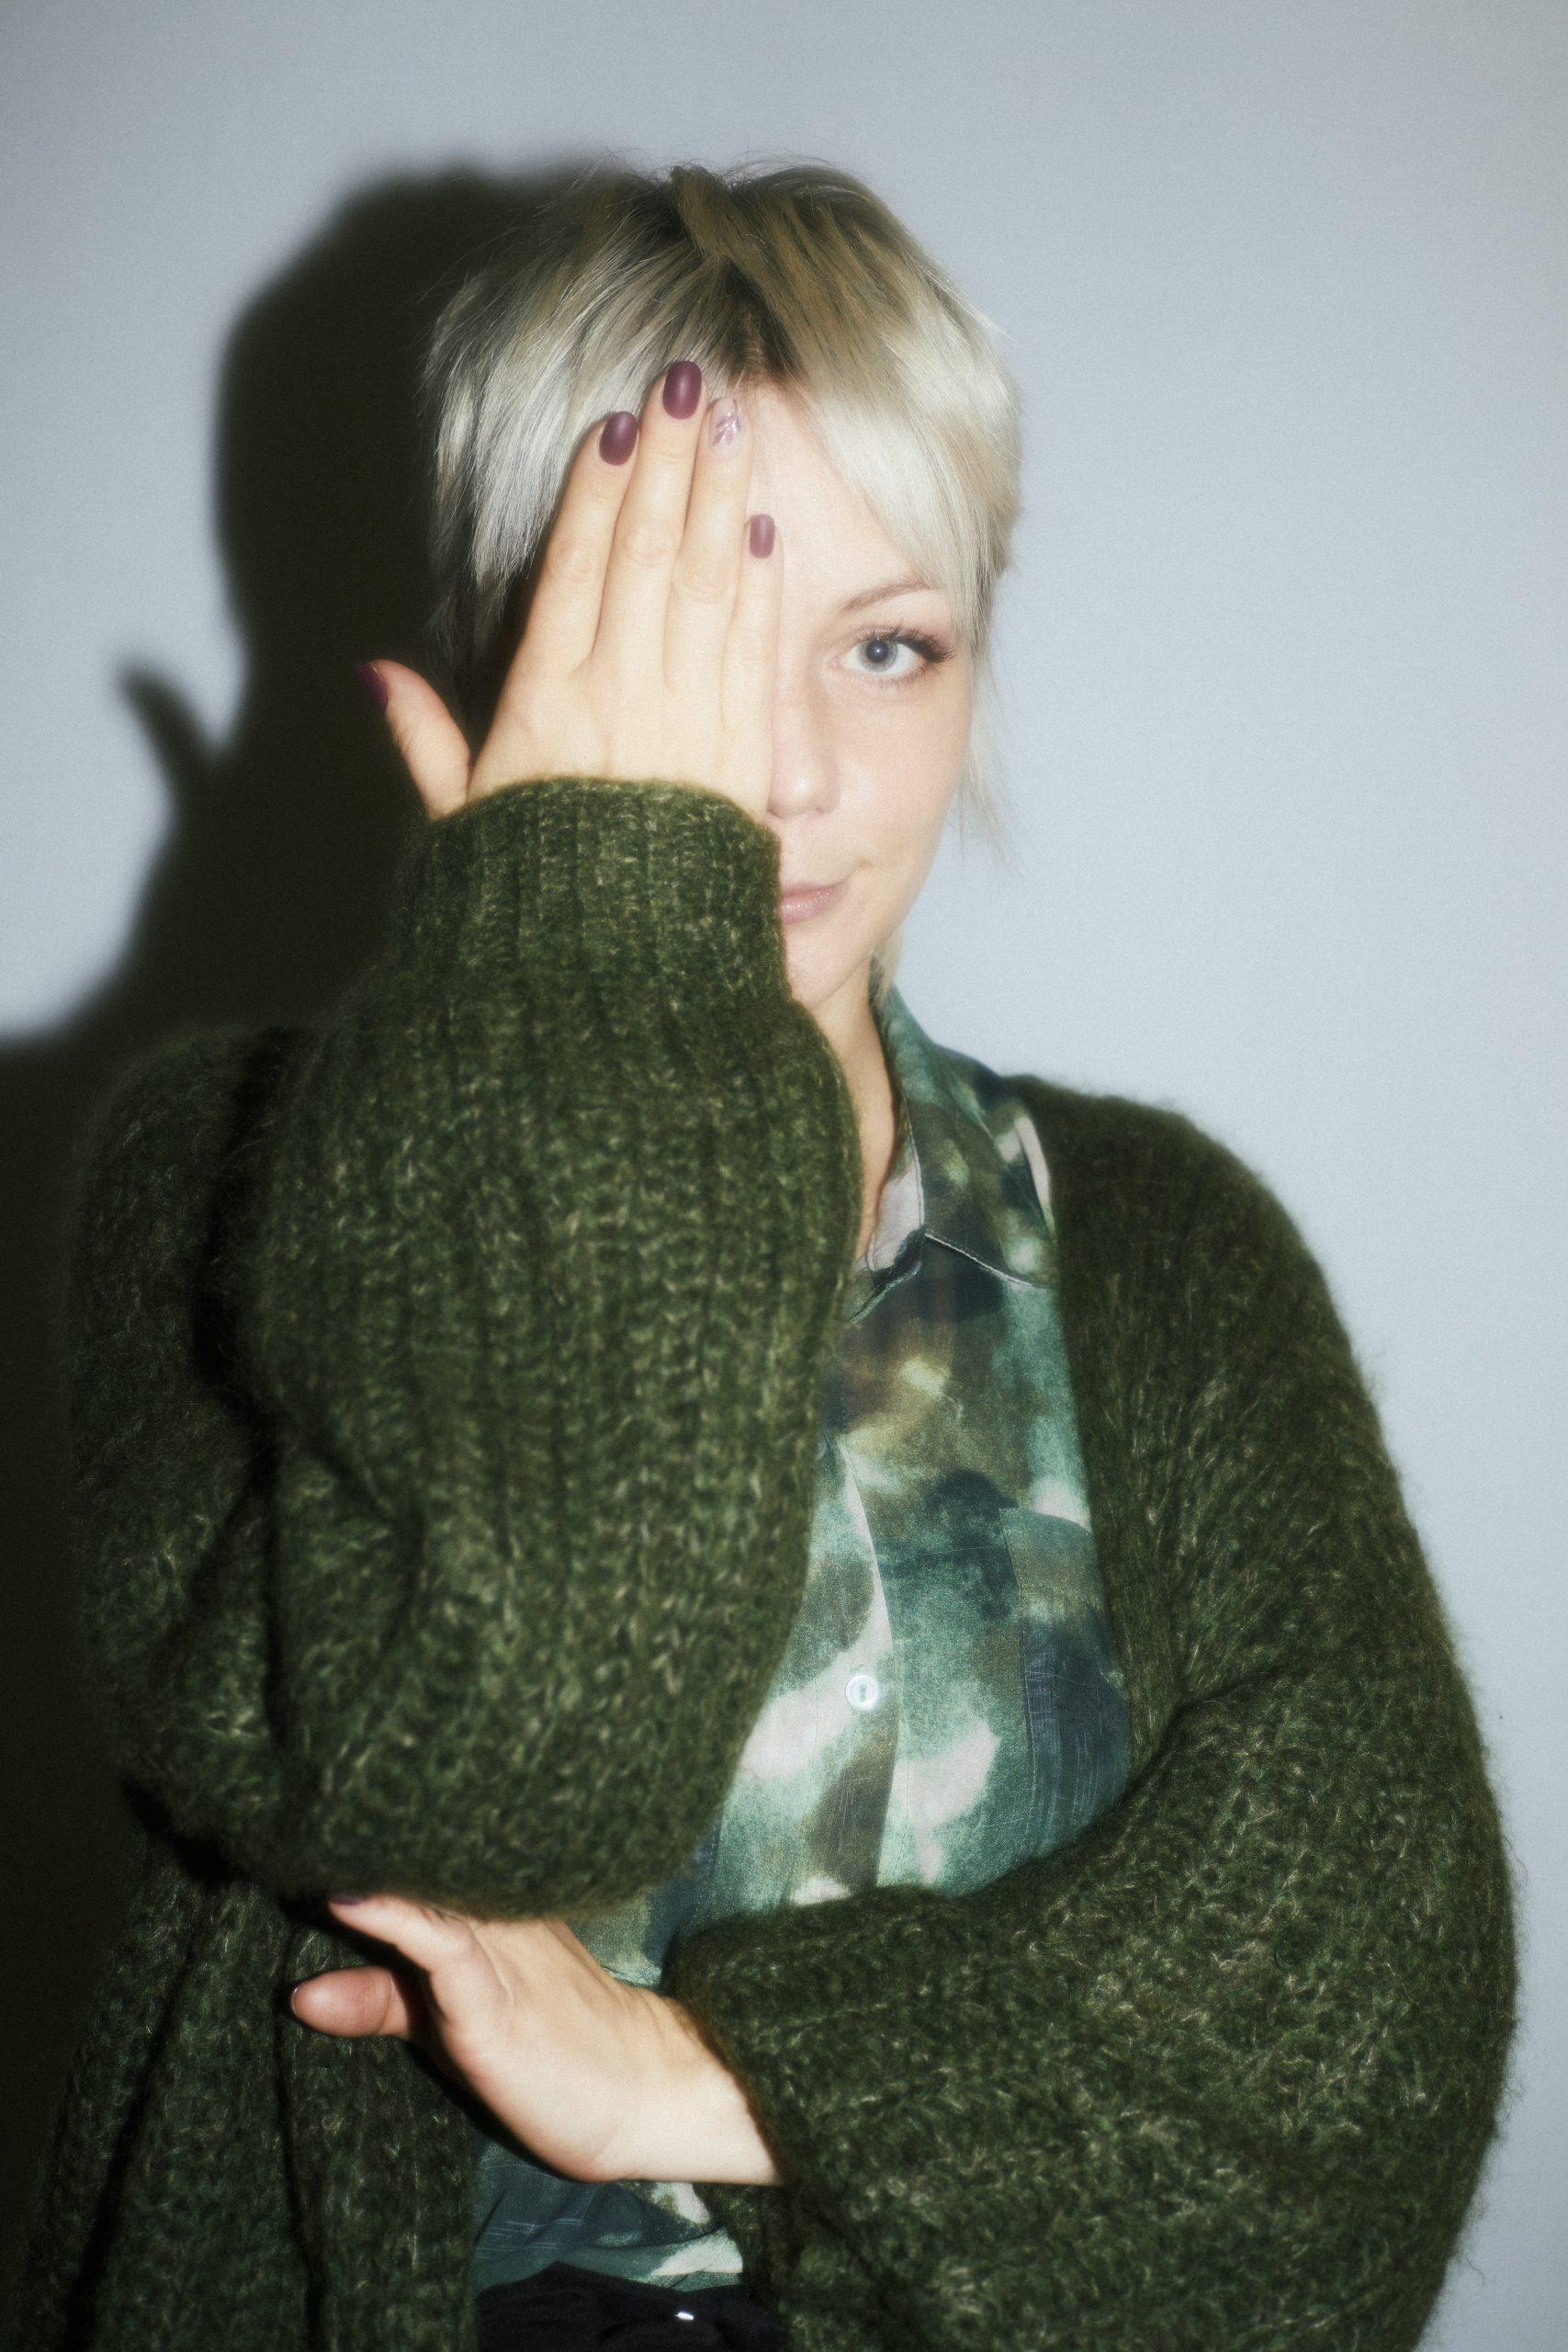 Anne_04 – Trend Stylist